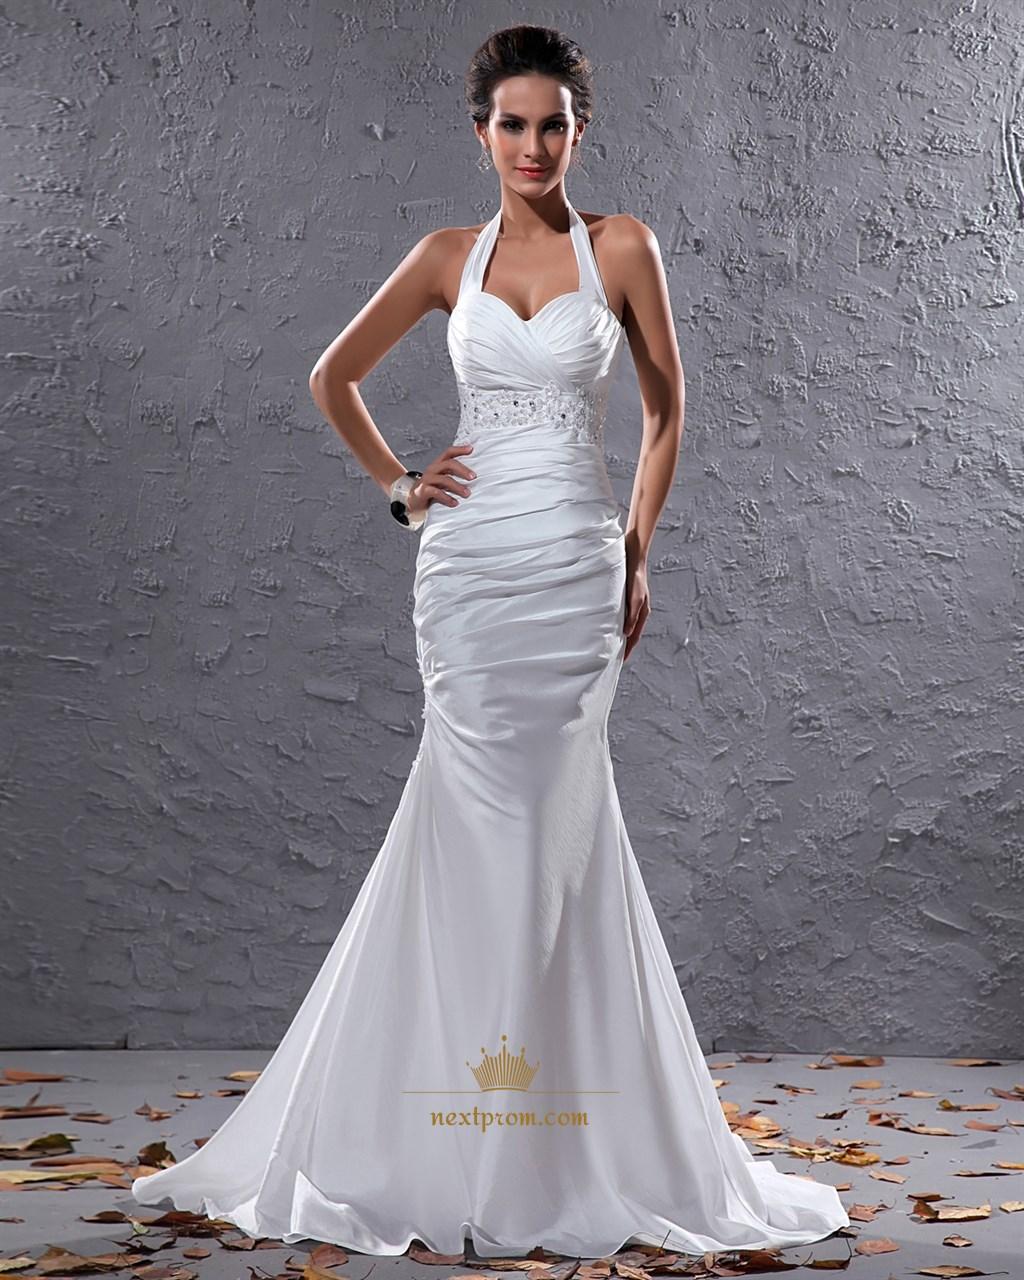 Elegant White Halter Neck Floor Length Lace Embellished